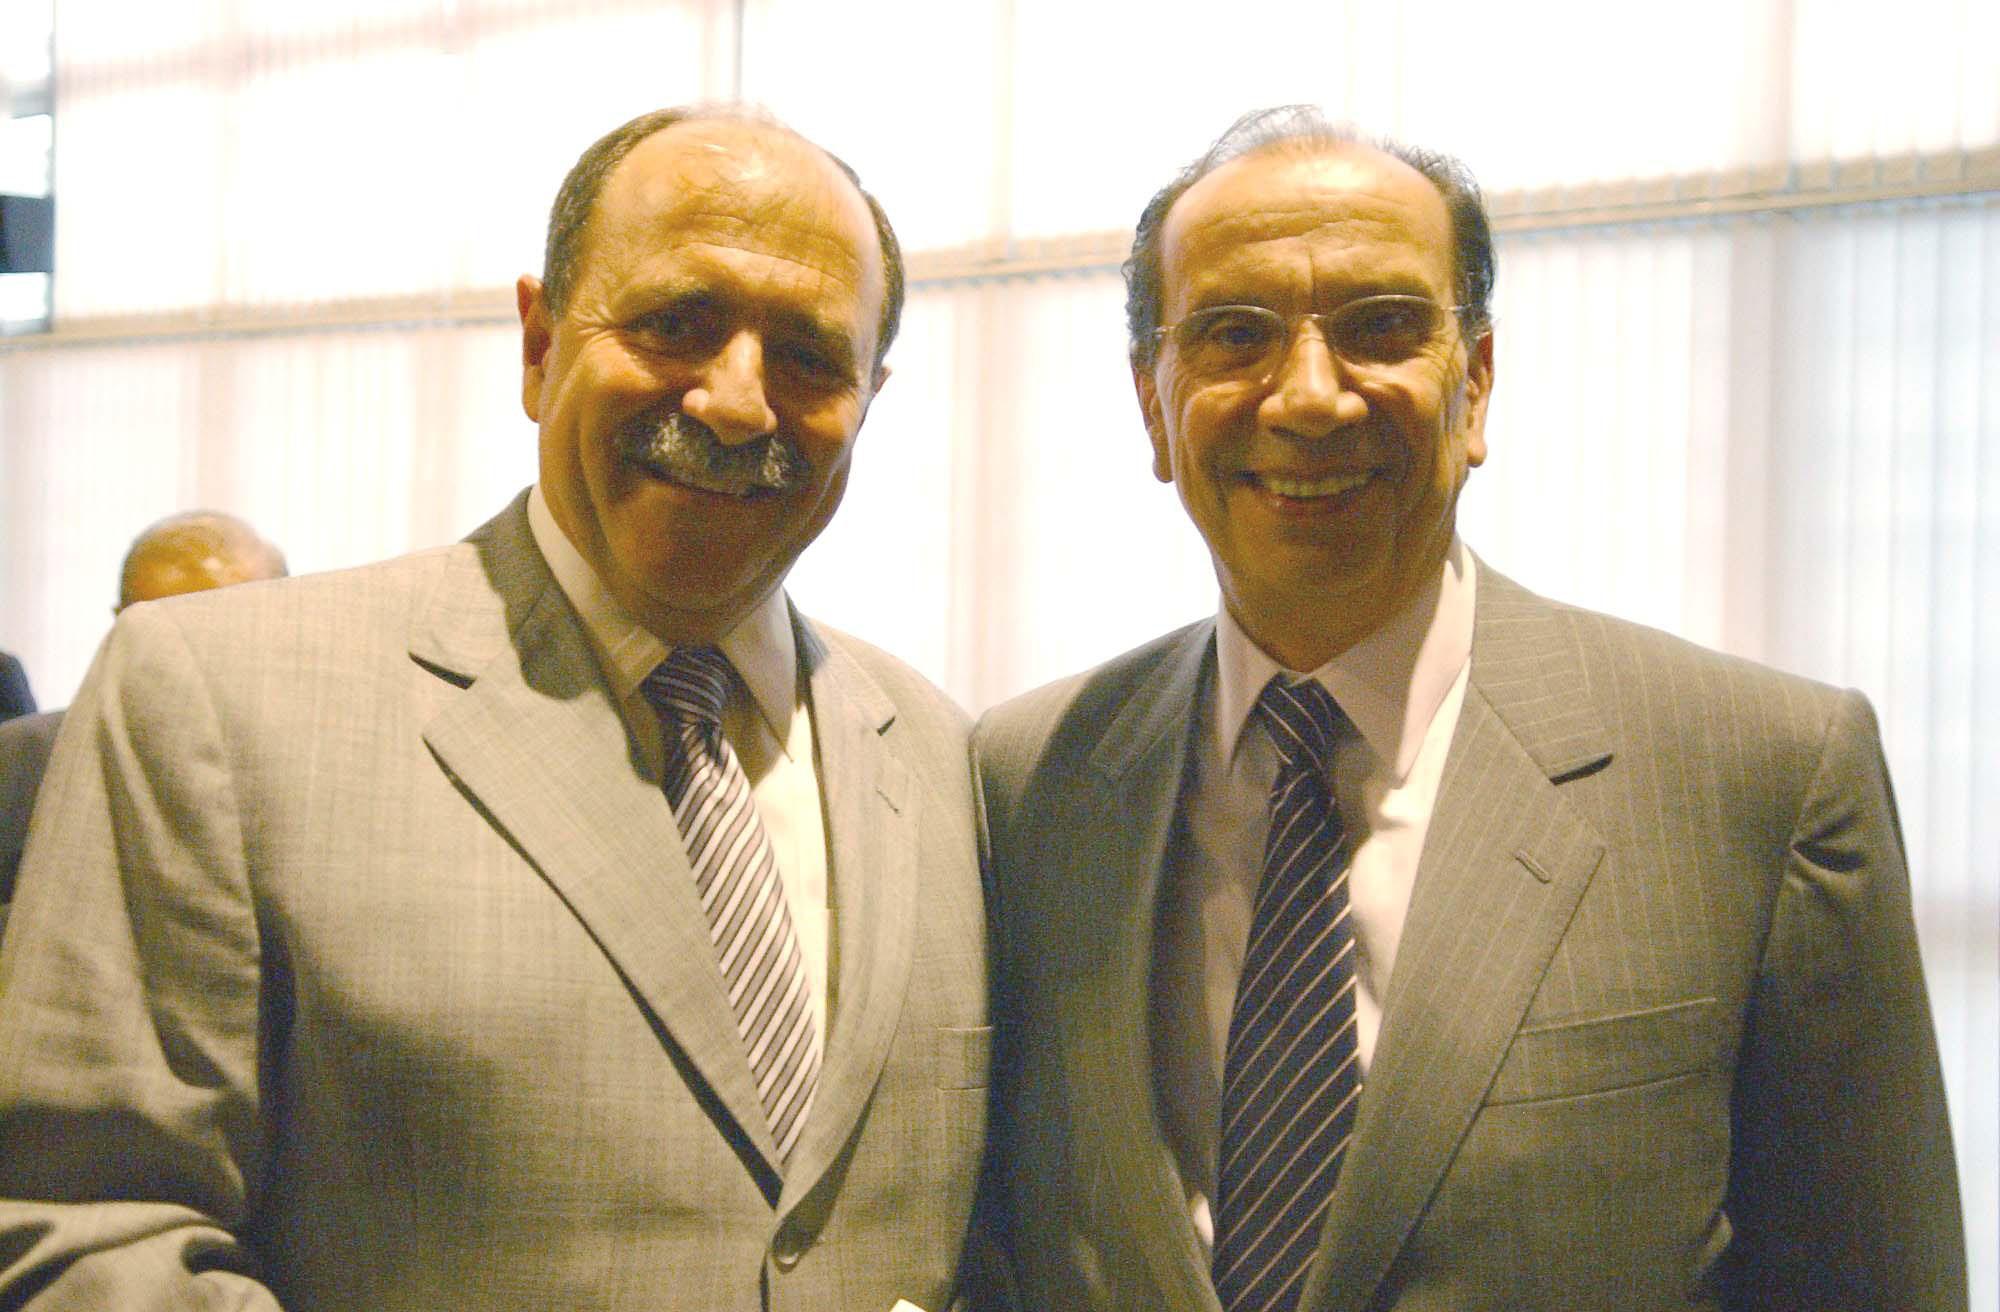 Deputado João Caramez e Aloysio Nunes Ferreira<a style='float:right' href='https://www3.al.sp.gov.br/repositorio/noticia/03-2008/caramezcorredoroeste.jpg' target=_blank><img src='/_img/material-file-download-white.png' width='14px' alt='Clique para baixar a imagem'></a>